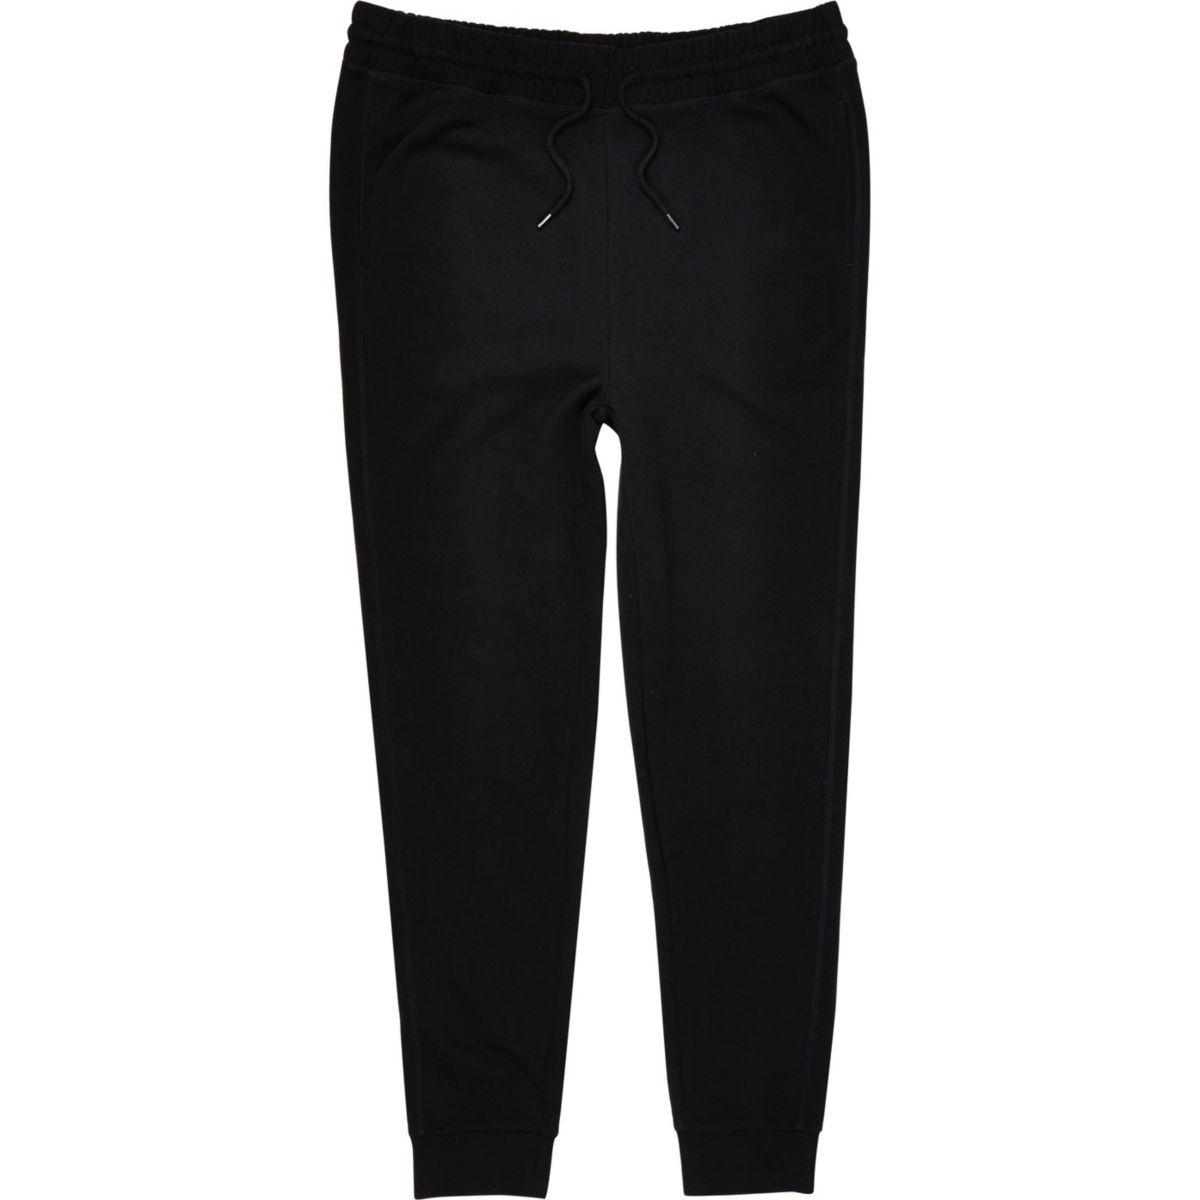 Pantalon de jogging Big & Tall en jersey noir